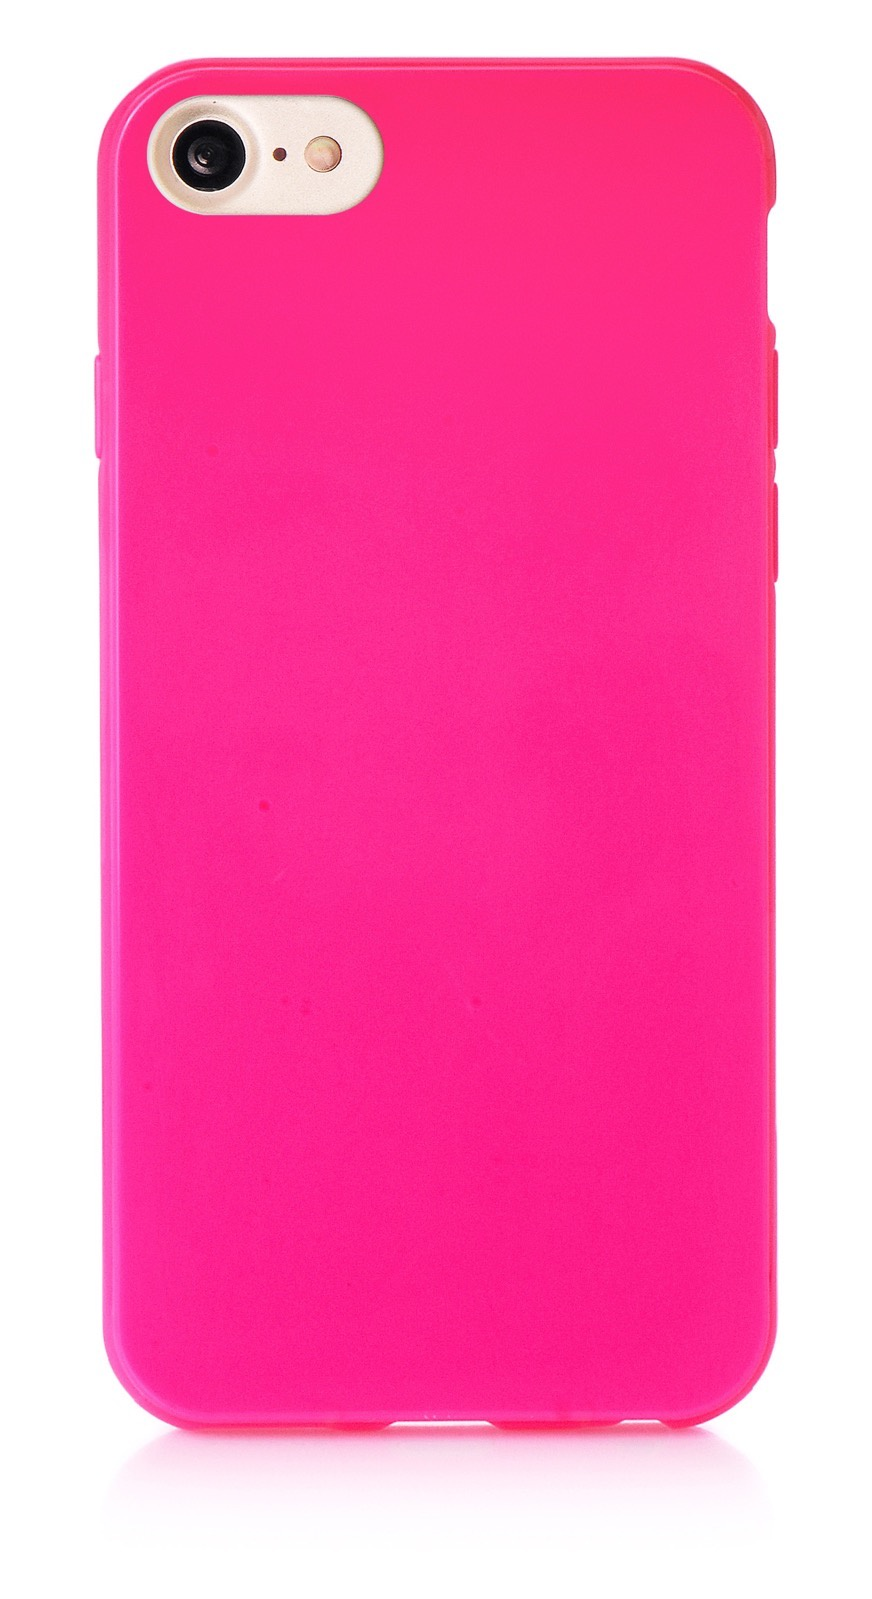 """Чехол для сотового телефона iNeez накладка силикон мыльница 901413 для Apple Iphone 7/8 4.7"""", темно-розовый"""